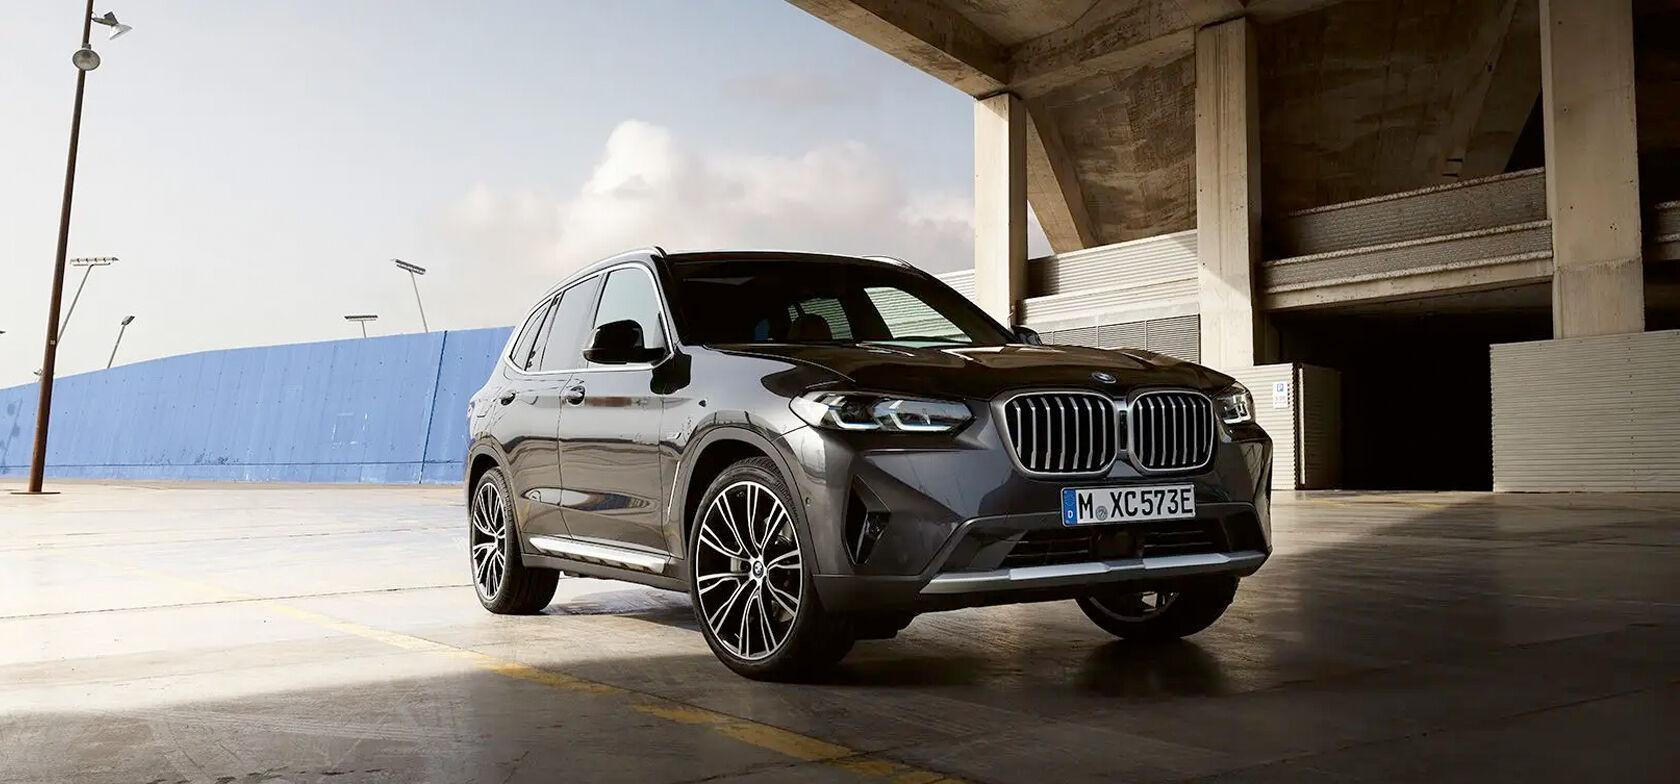 BMW X3 OSTAJALLE METALLIVÄRI 0€ JA TALVIRENKAAT 490€